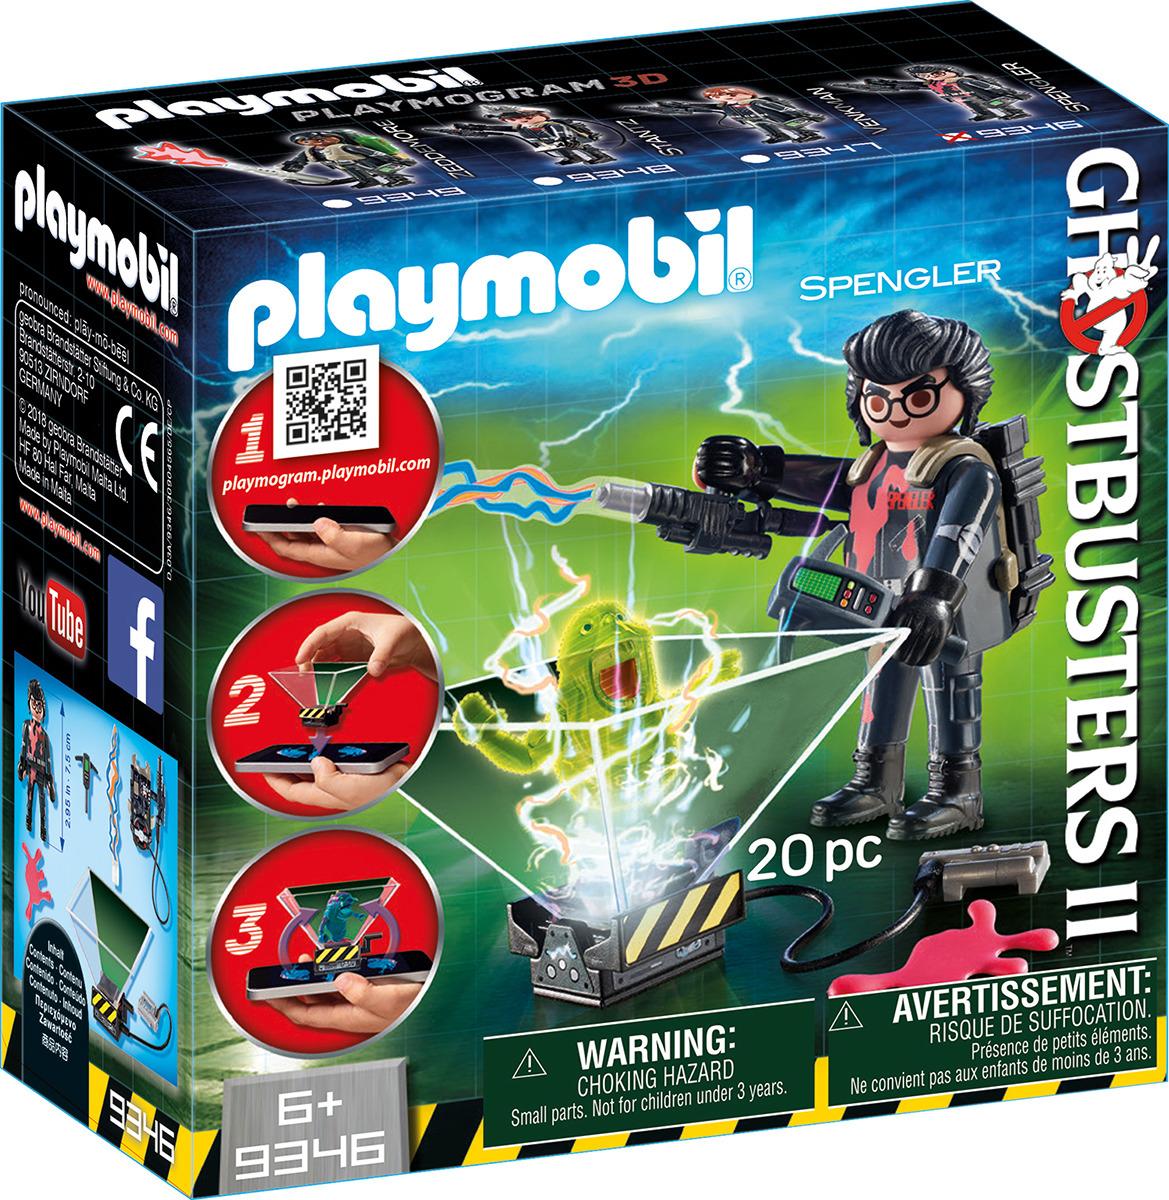 Фото - Игровой набор Playmobil Охотник за привидениями  Игон Спенглер, 9346pm проектор